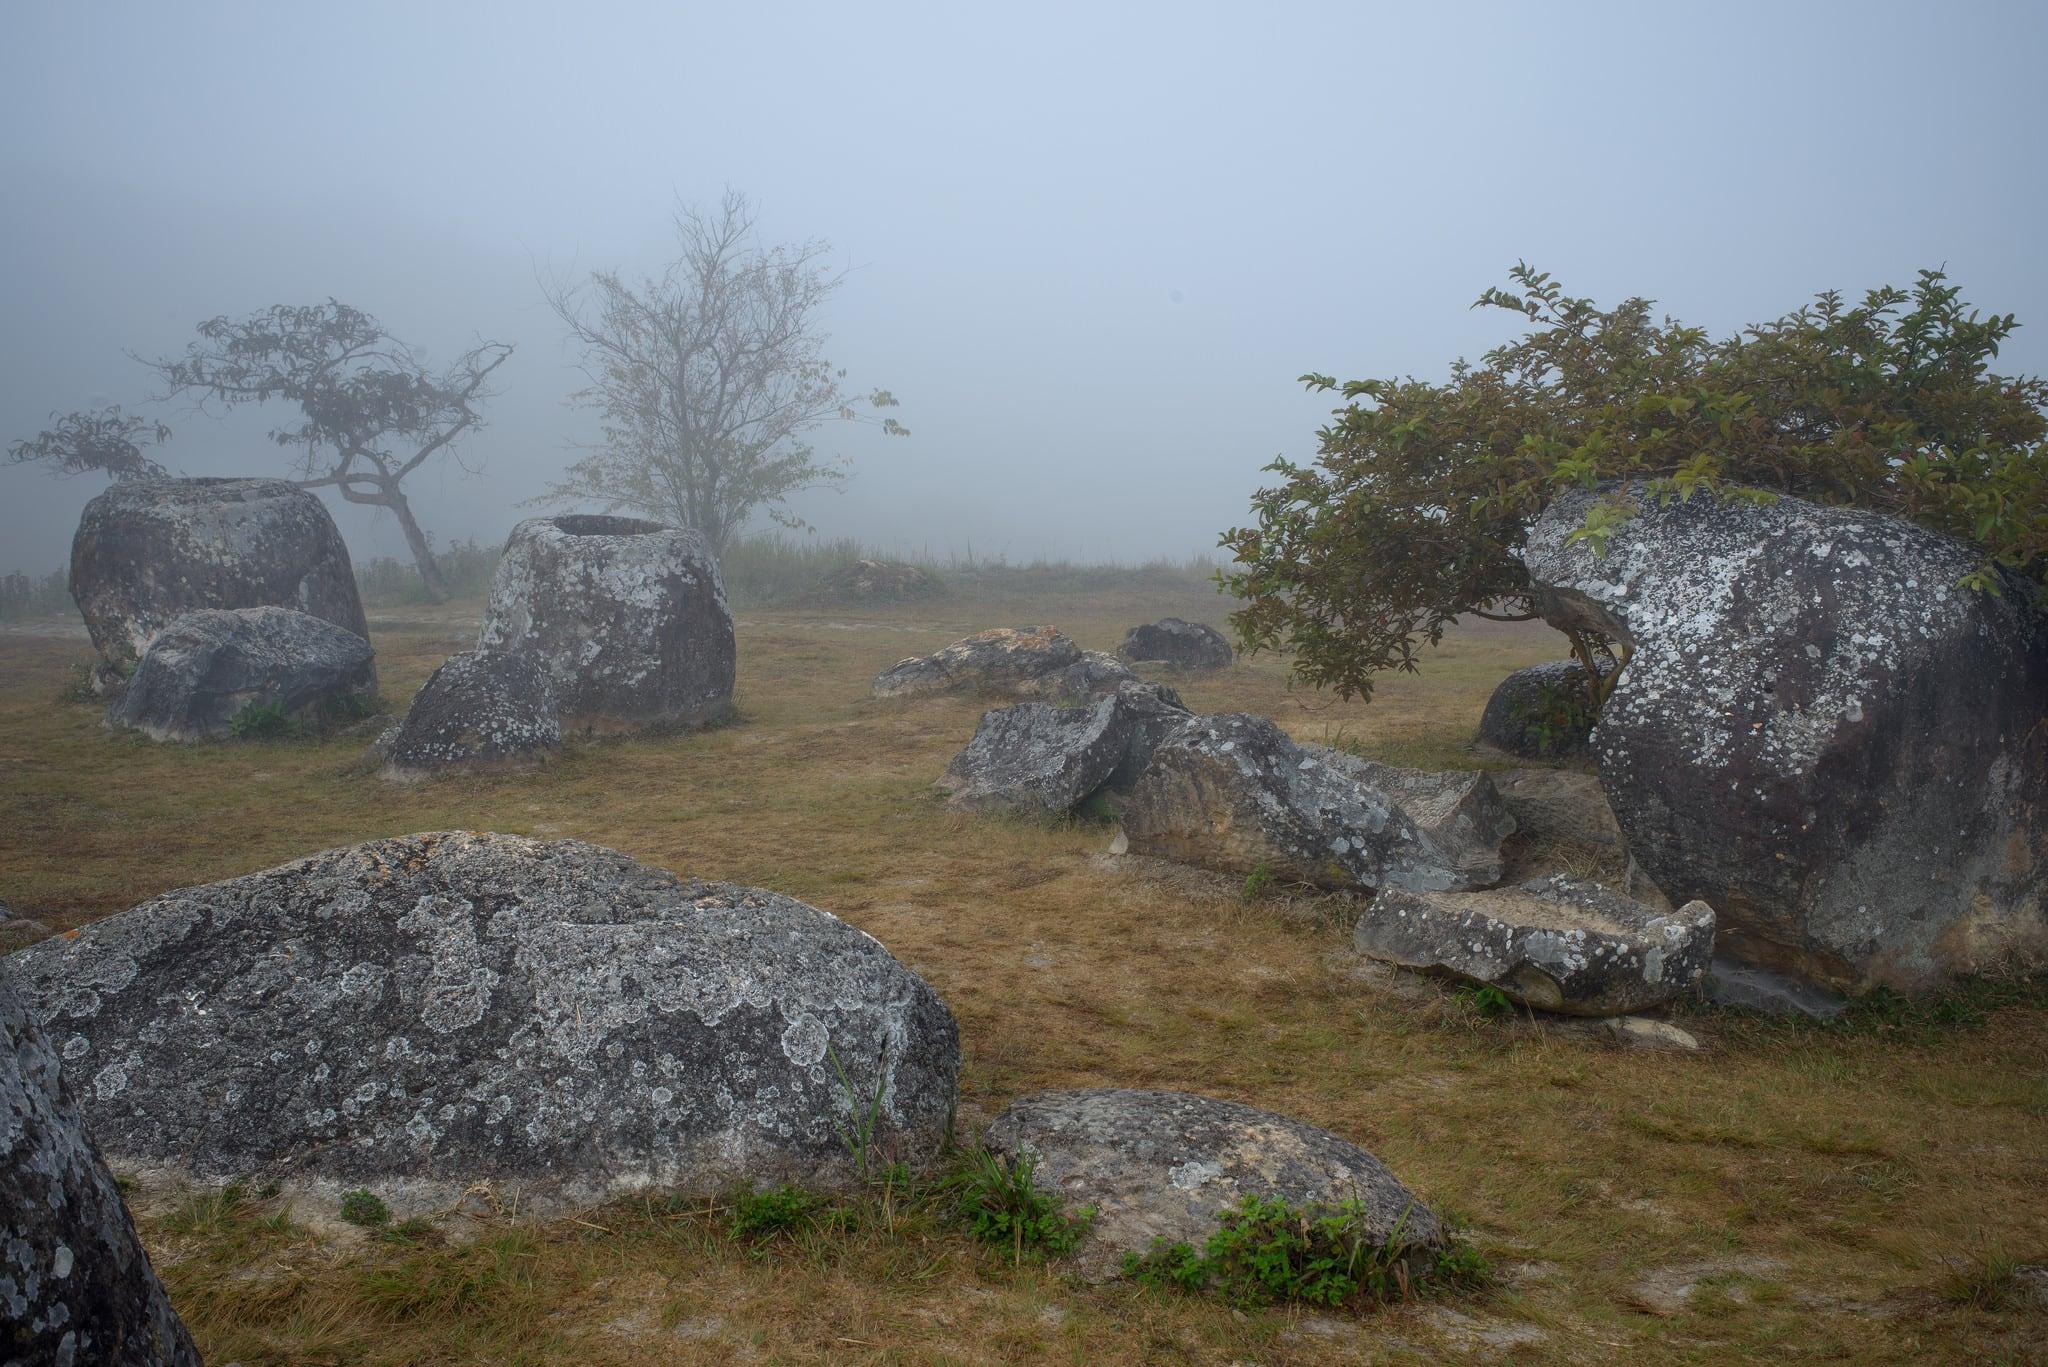 Image of Plain of Jars Site 1. la laos ラオス plainofjarssite1 xiengkhuan ジャール平原 ポーンサワン シエンクワーン シェンクワン